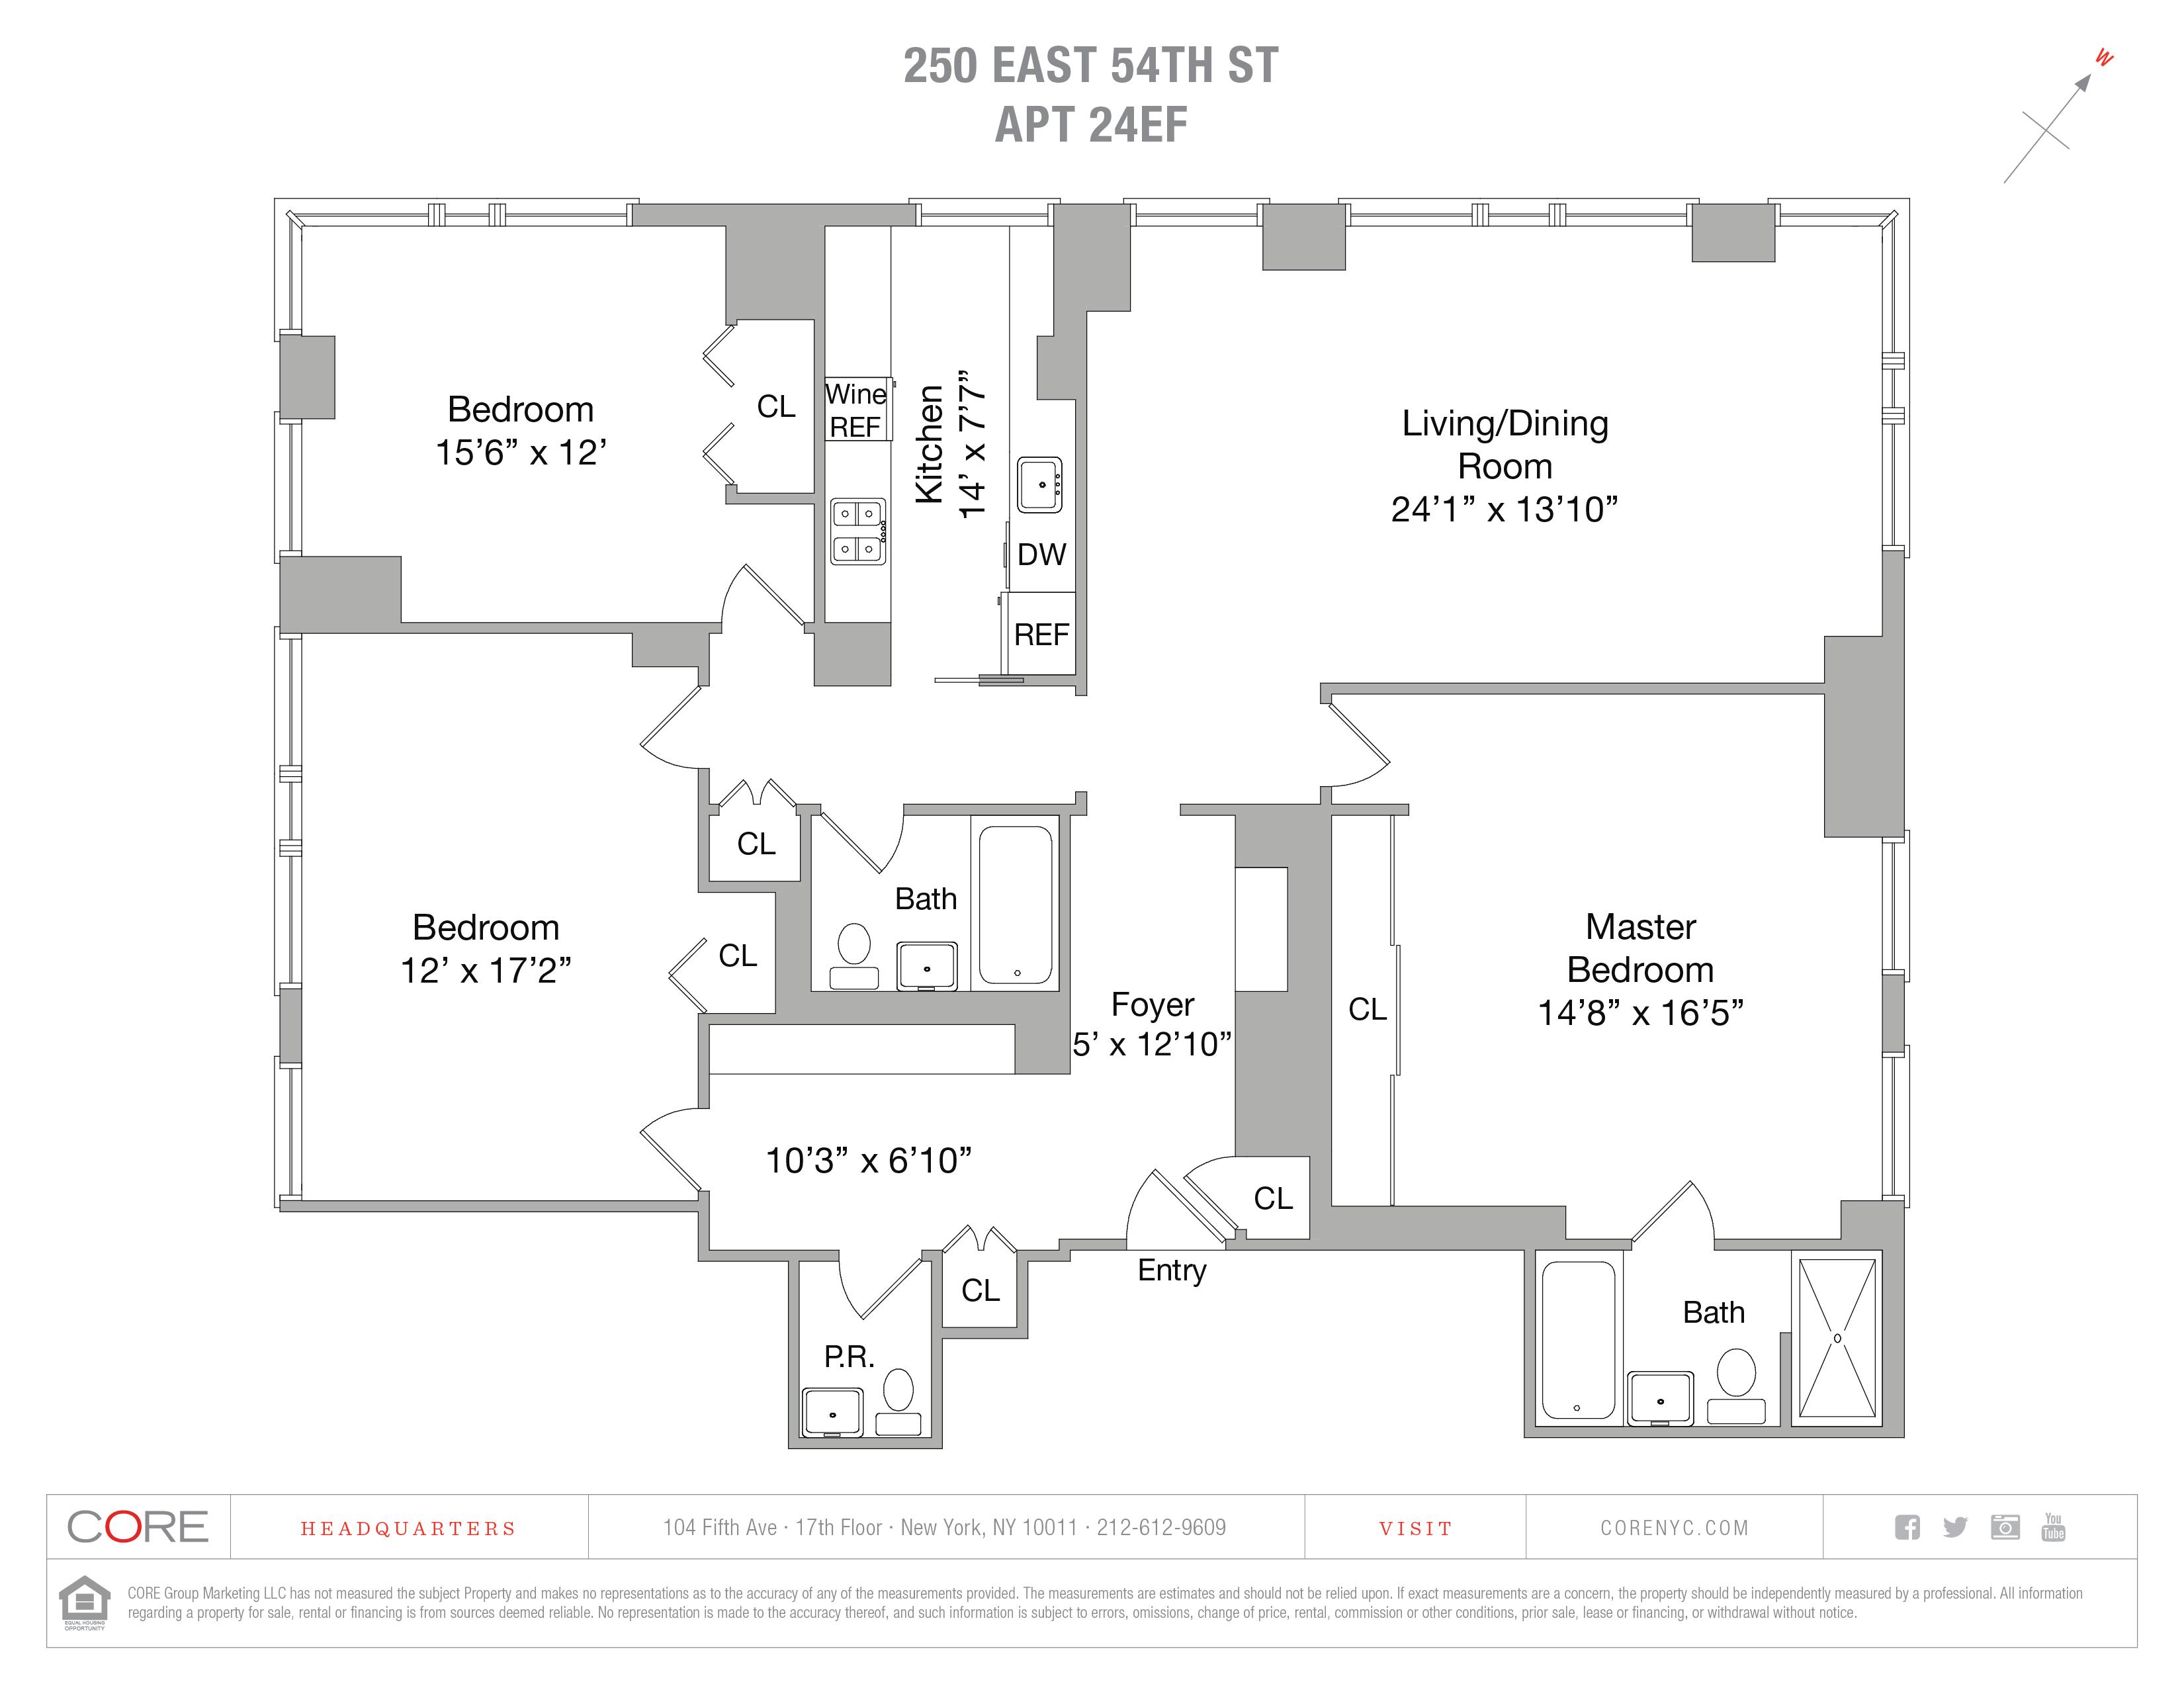 250 East 54th St. 24EF, New York, NY 10022